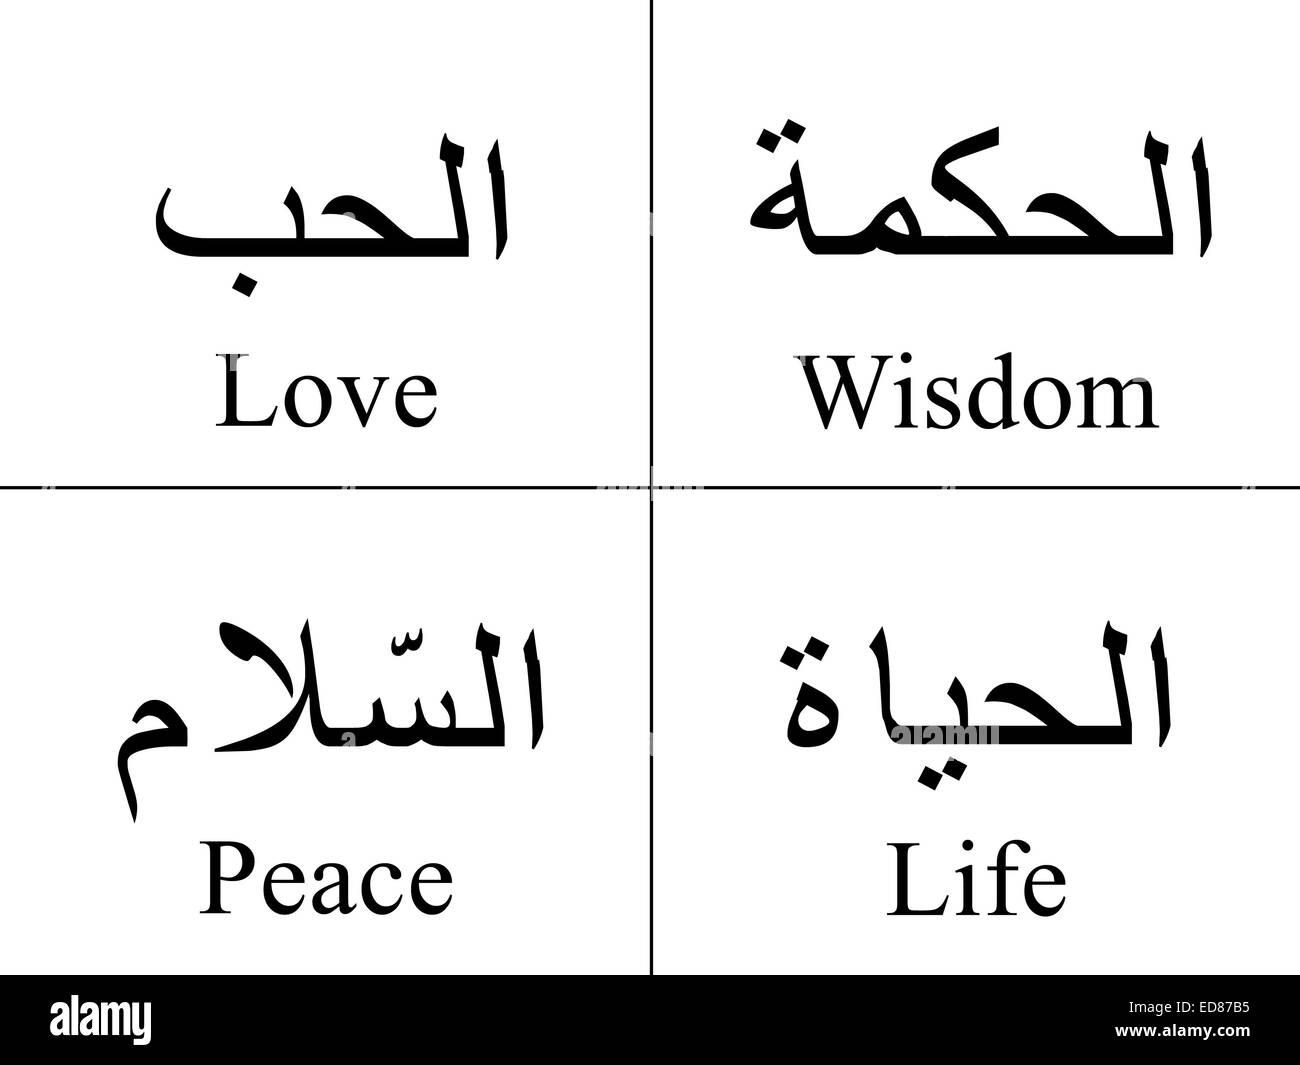 4 palabras del idioma árabe en silueta, el amor, la paz, la sabiduría y la vida Imagen De Stock